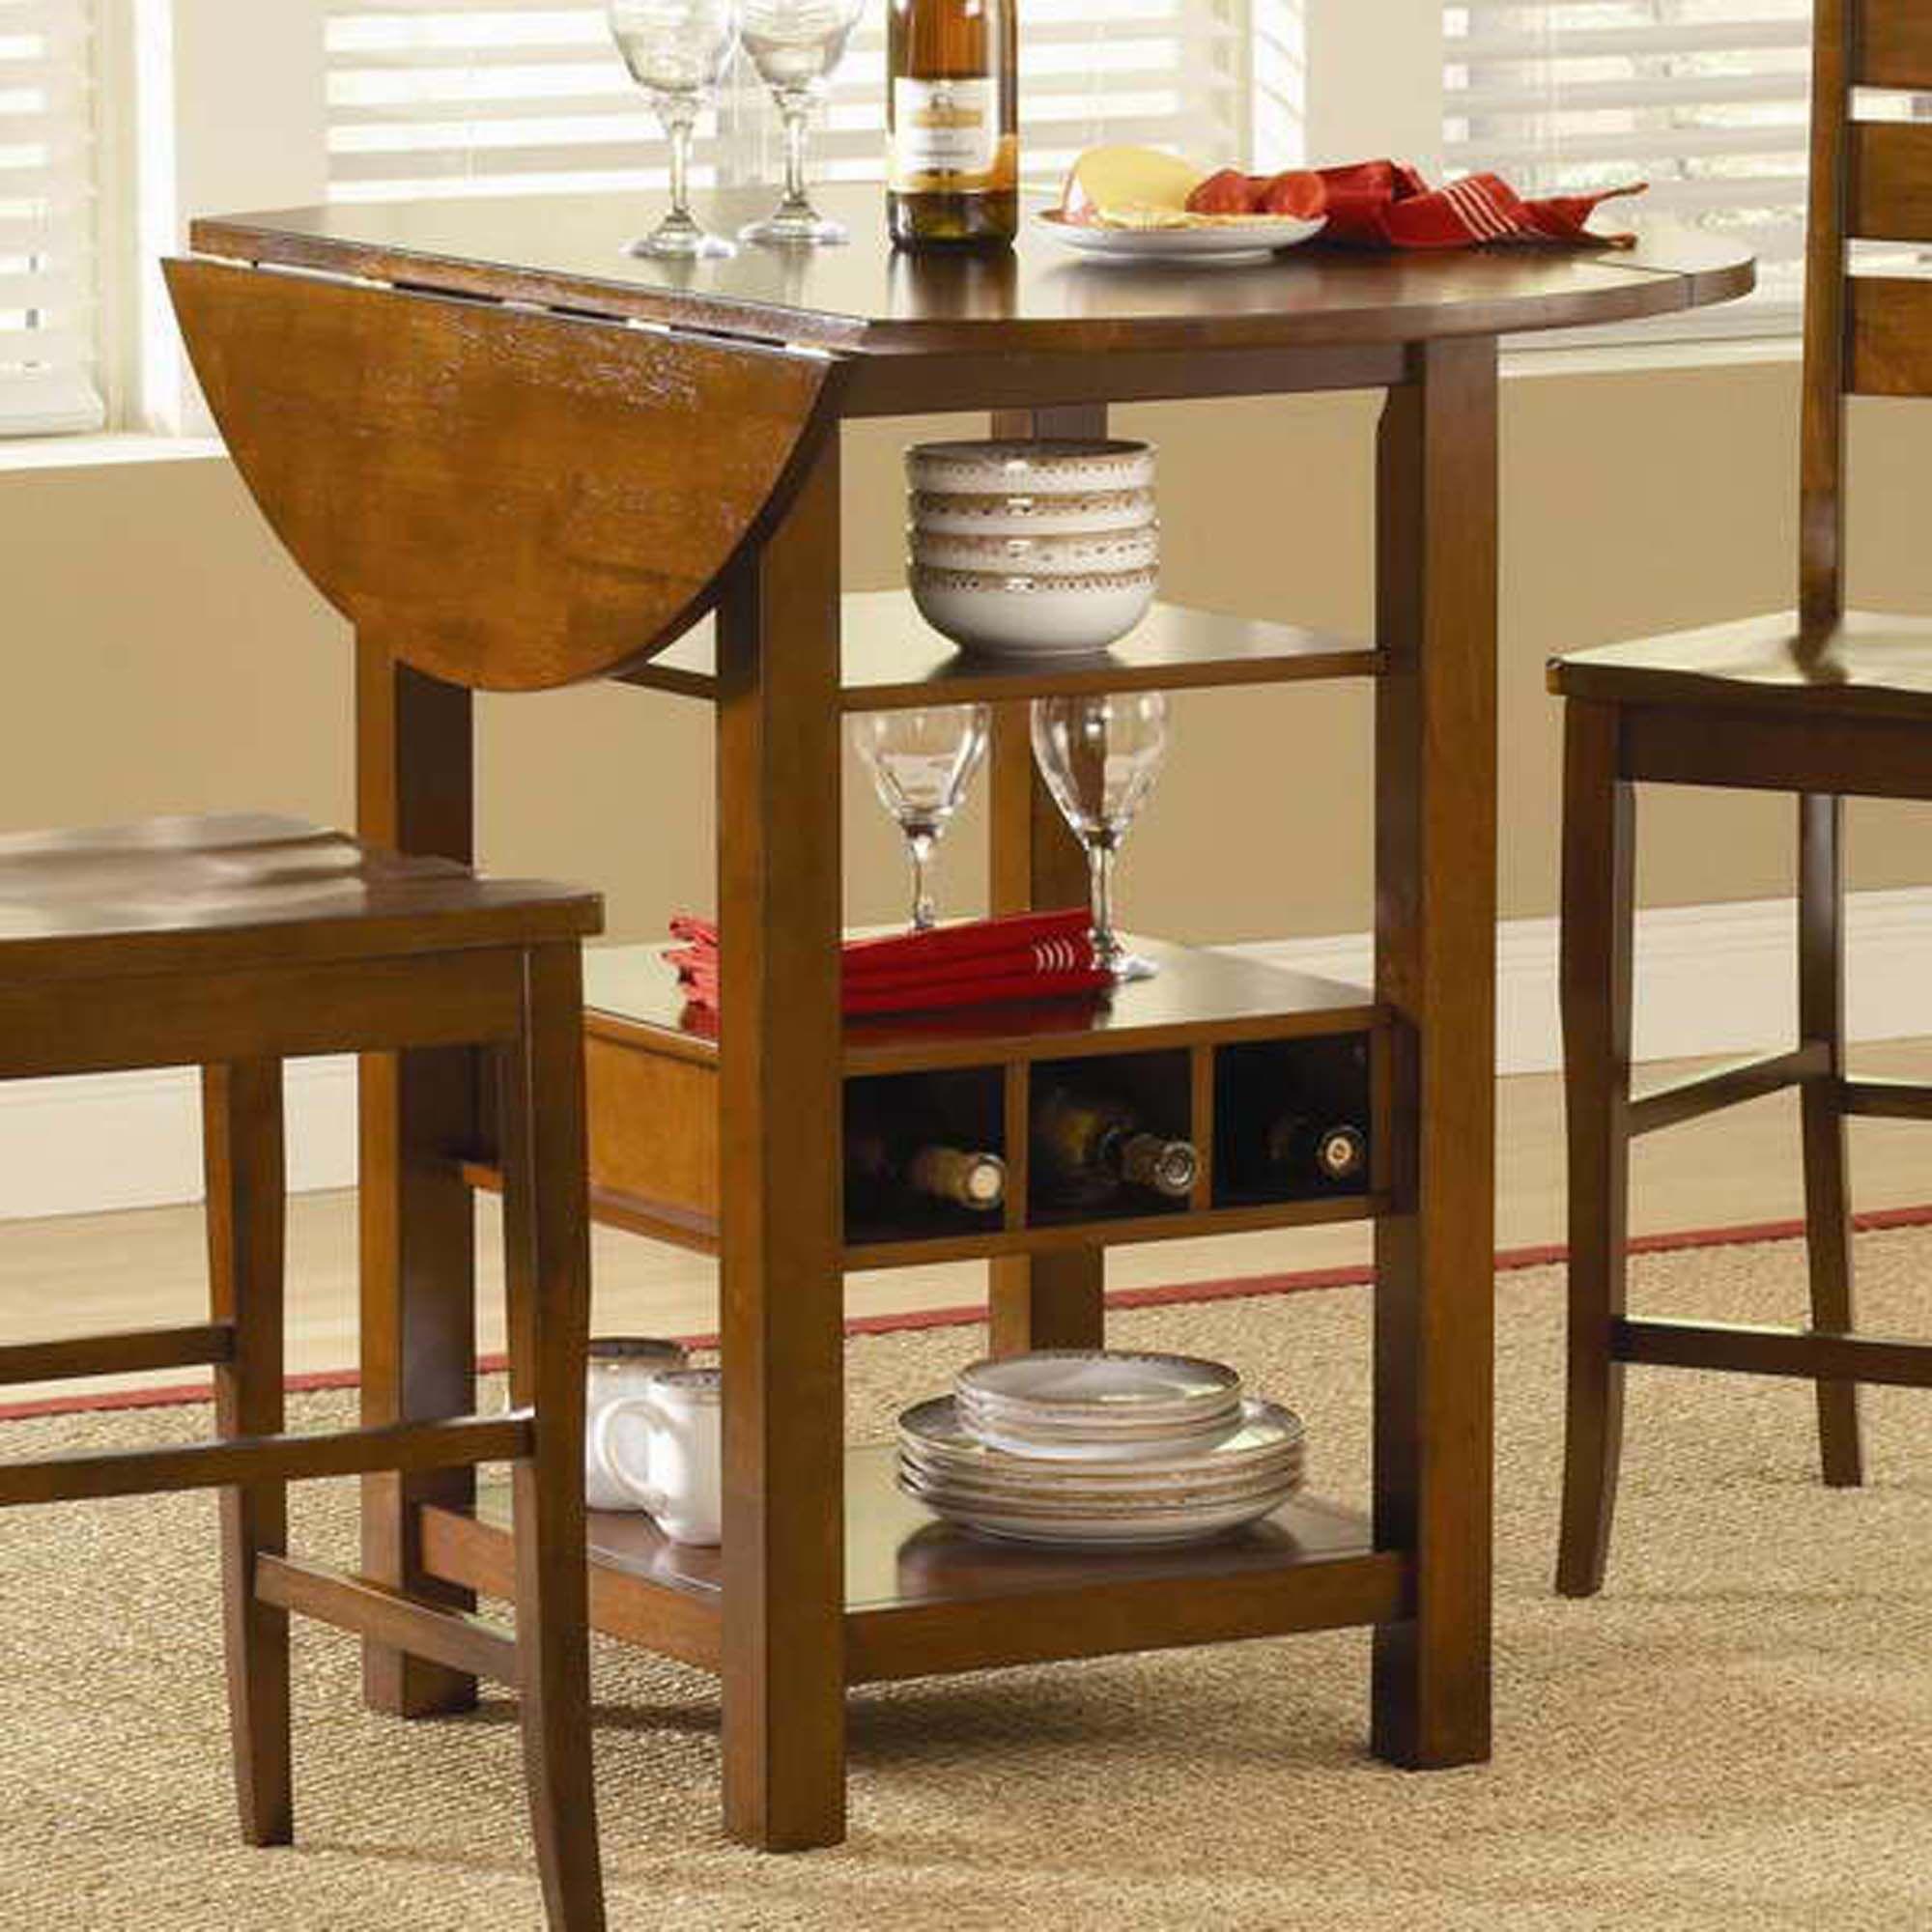 rustikale küchen stühle  kleiner küchentisch küche tisch